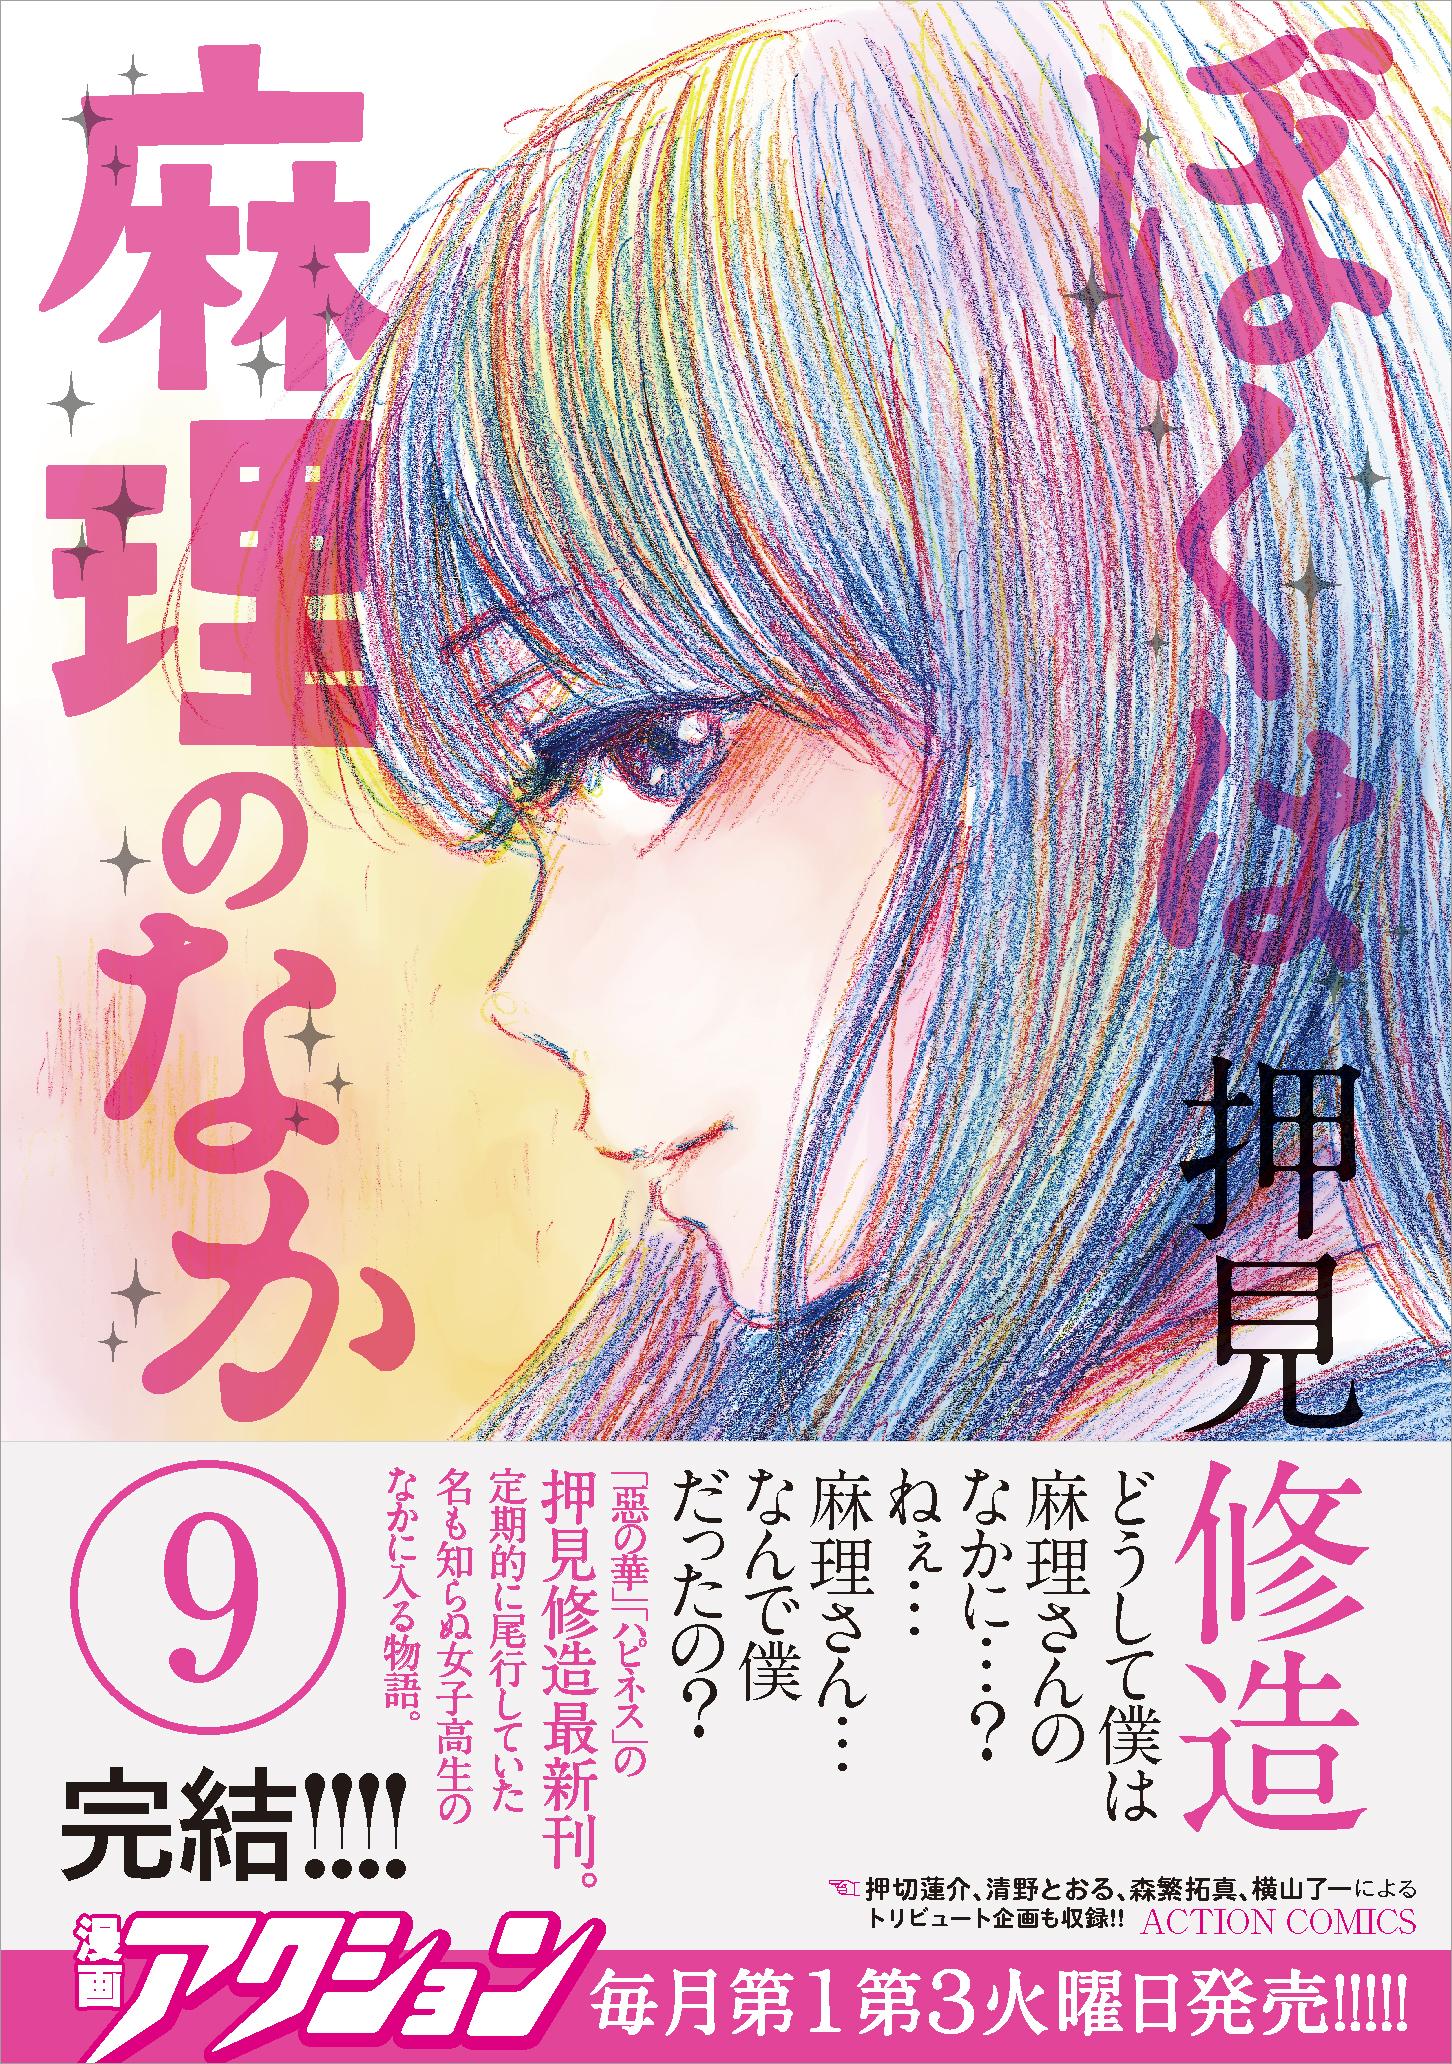 【海老名店】押見修造先生サイン会 開催決定!